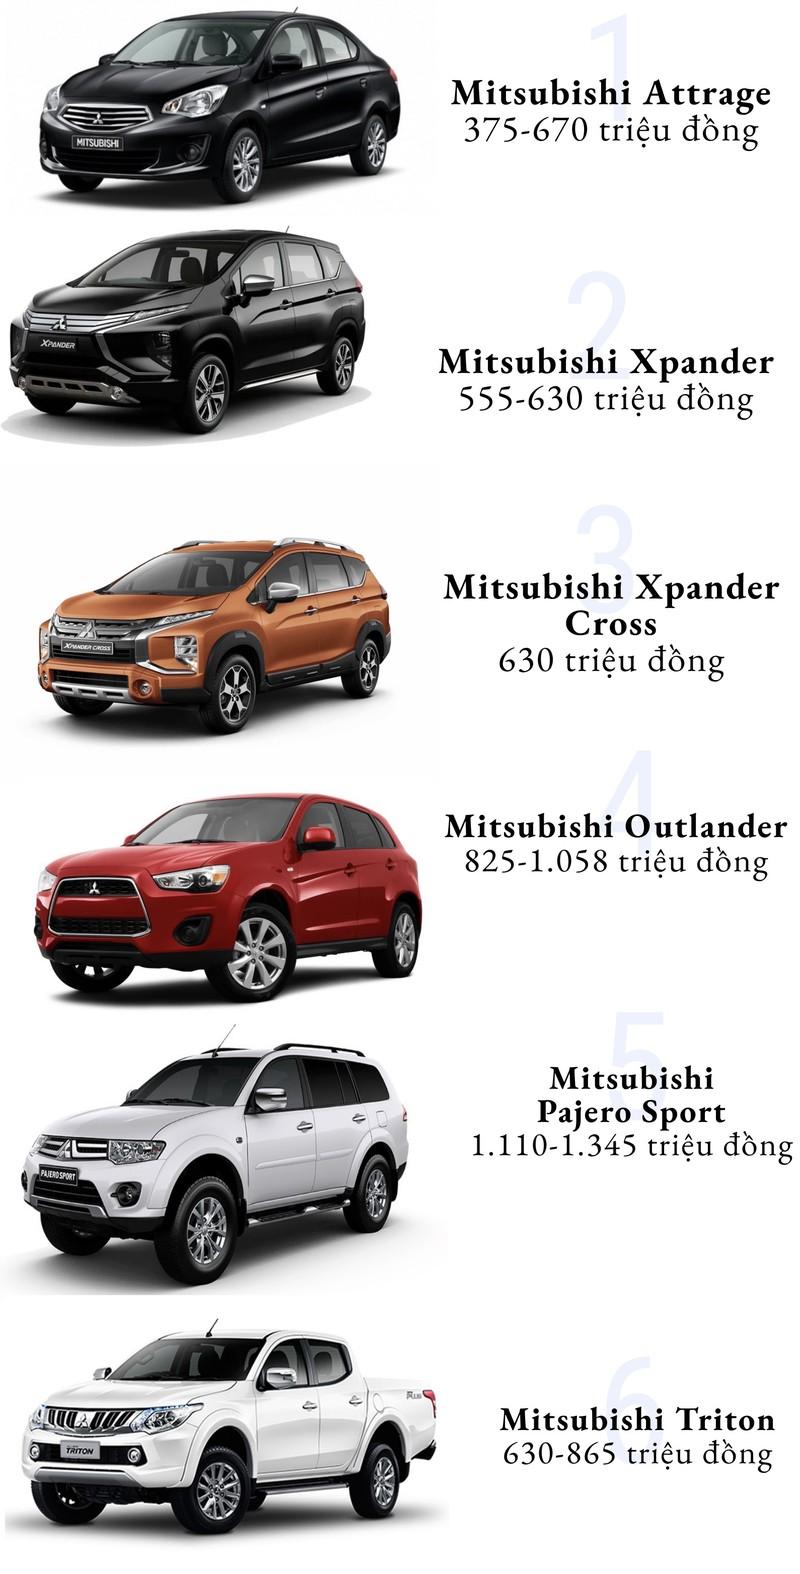 Bảng giá xe Mitsubishi tháng 10: Rẻ nhất chỉ gần 400 triệu đồng - ảnh 1